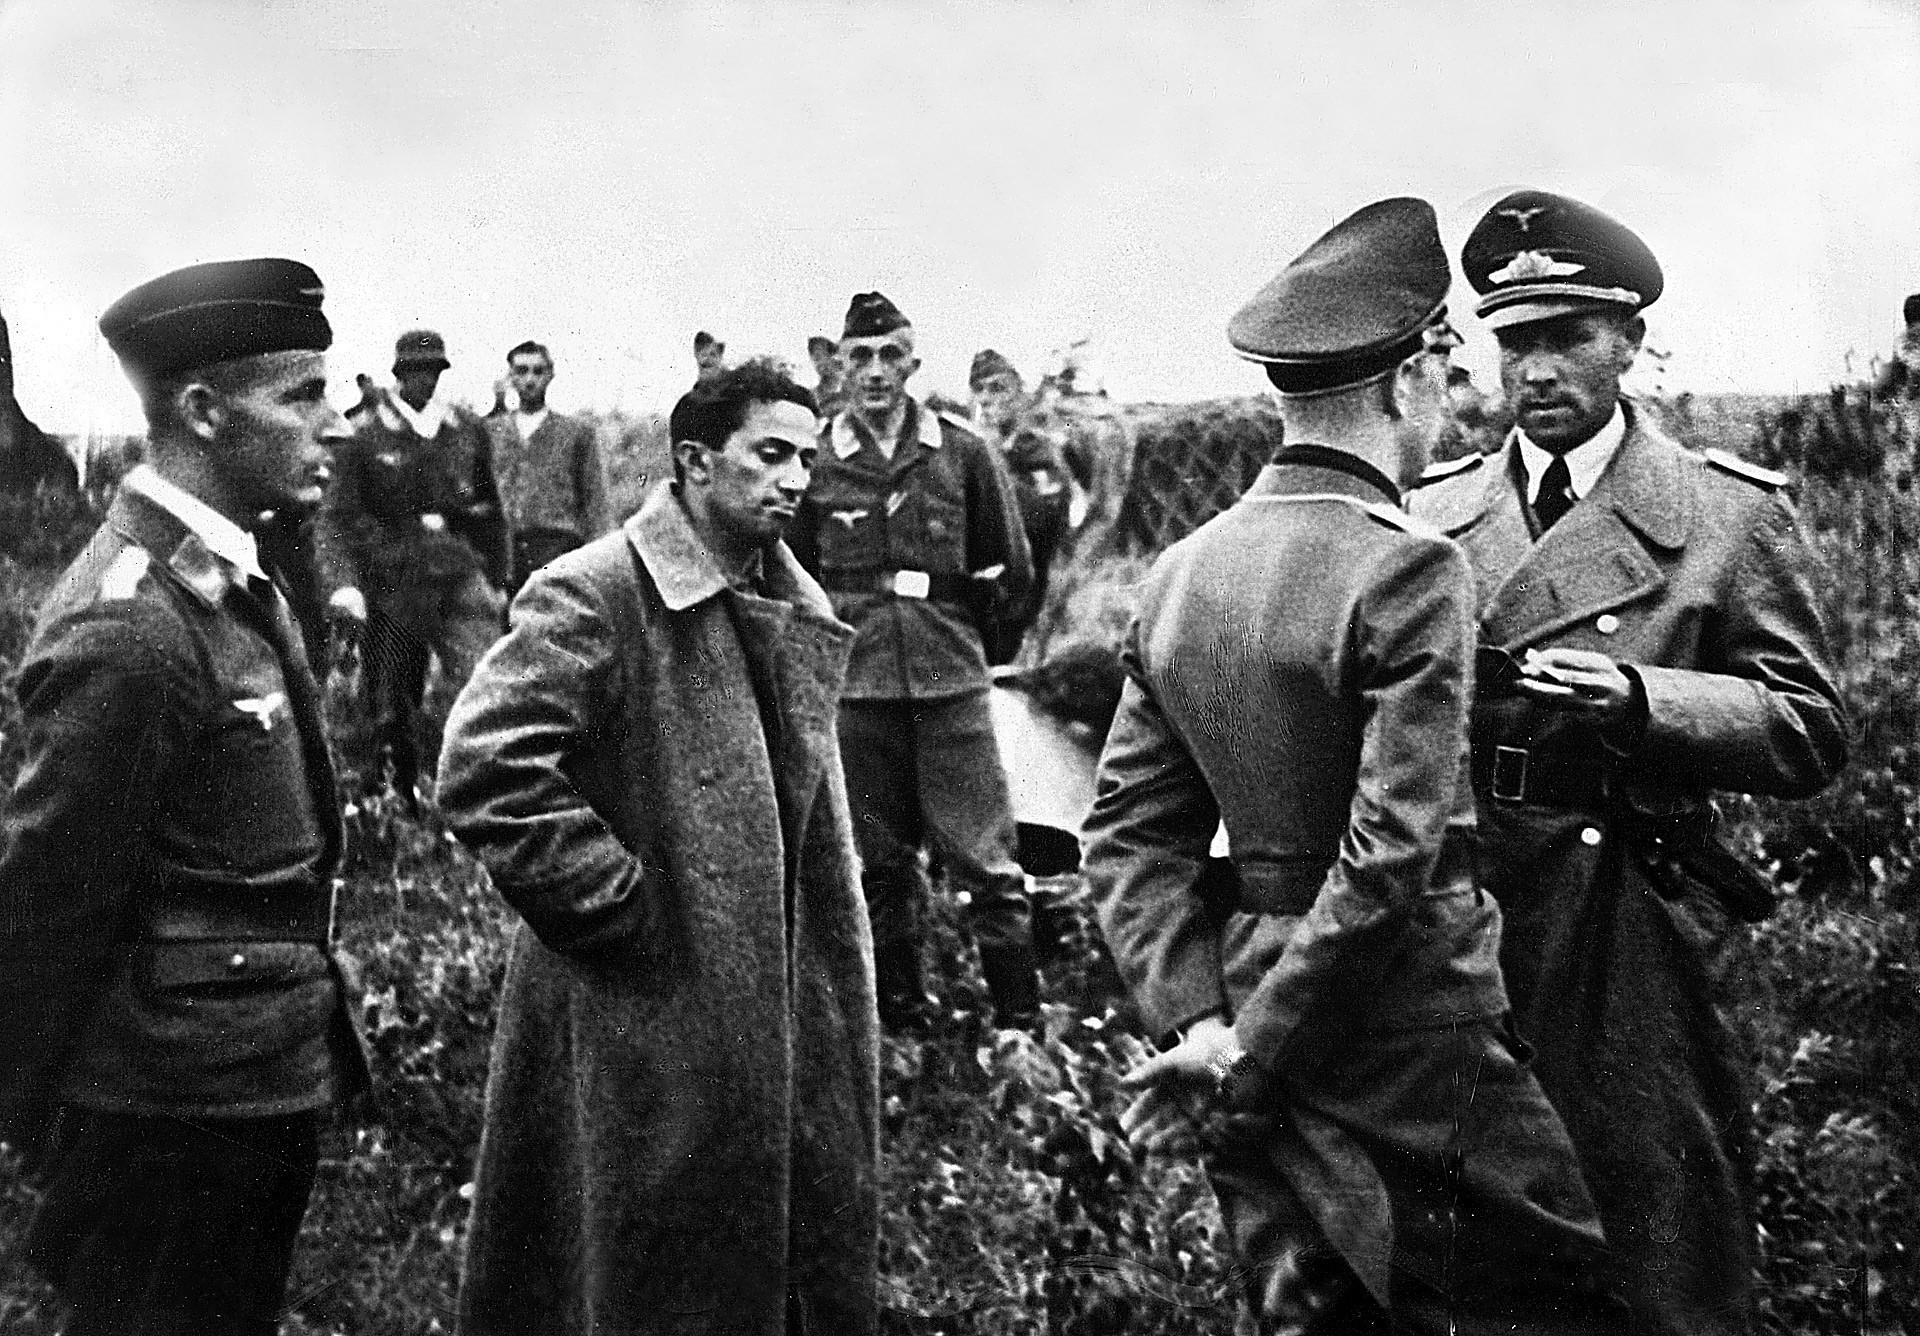 Првиот син на Сталин – Јаков Џугашвили – го заробија Германците. Не се врати жив од заробеништво. На сликата е опкружен со германски офицери.